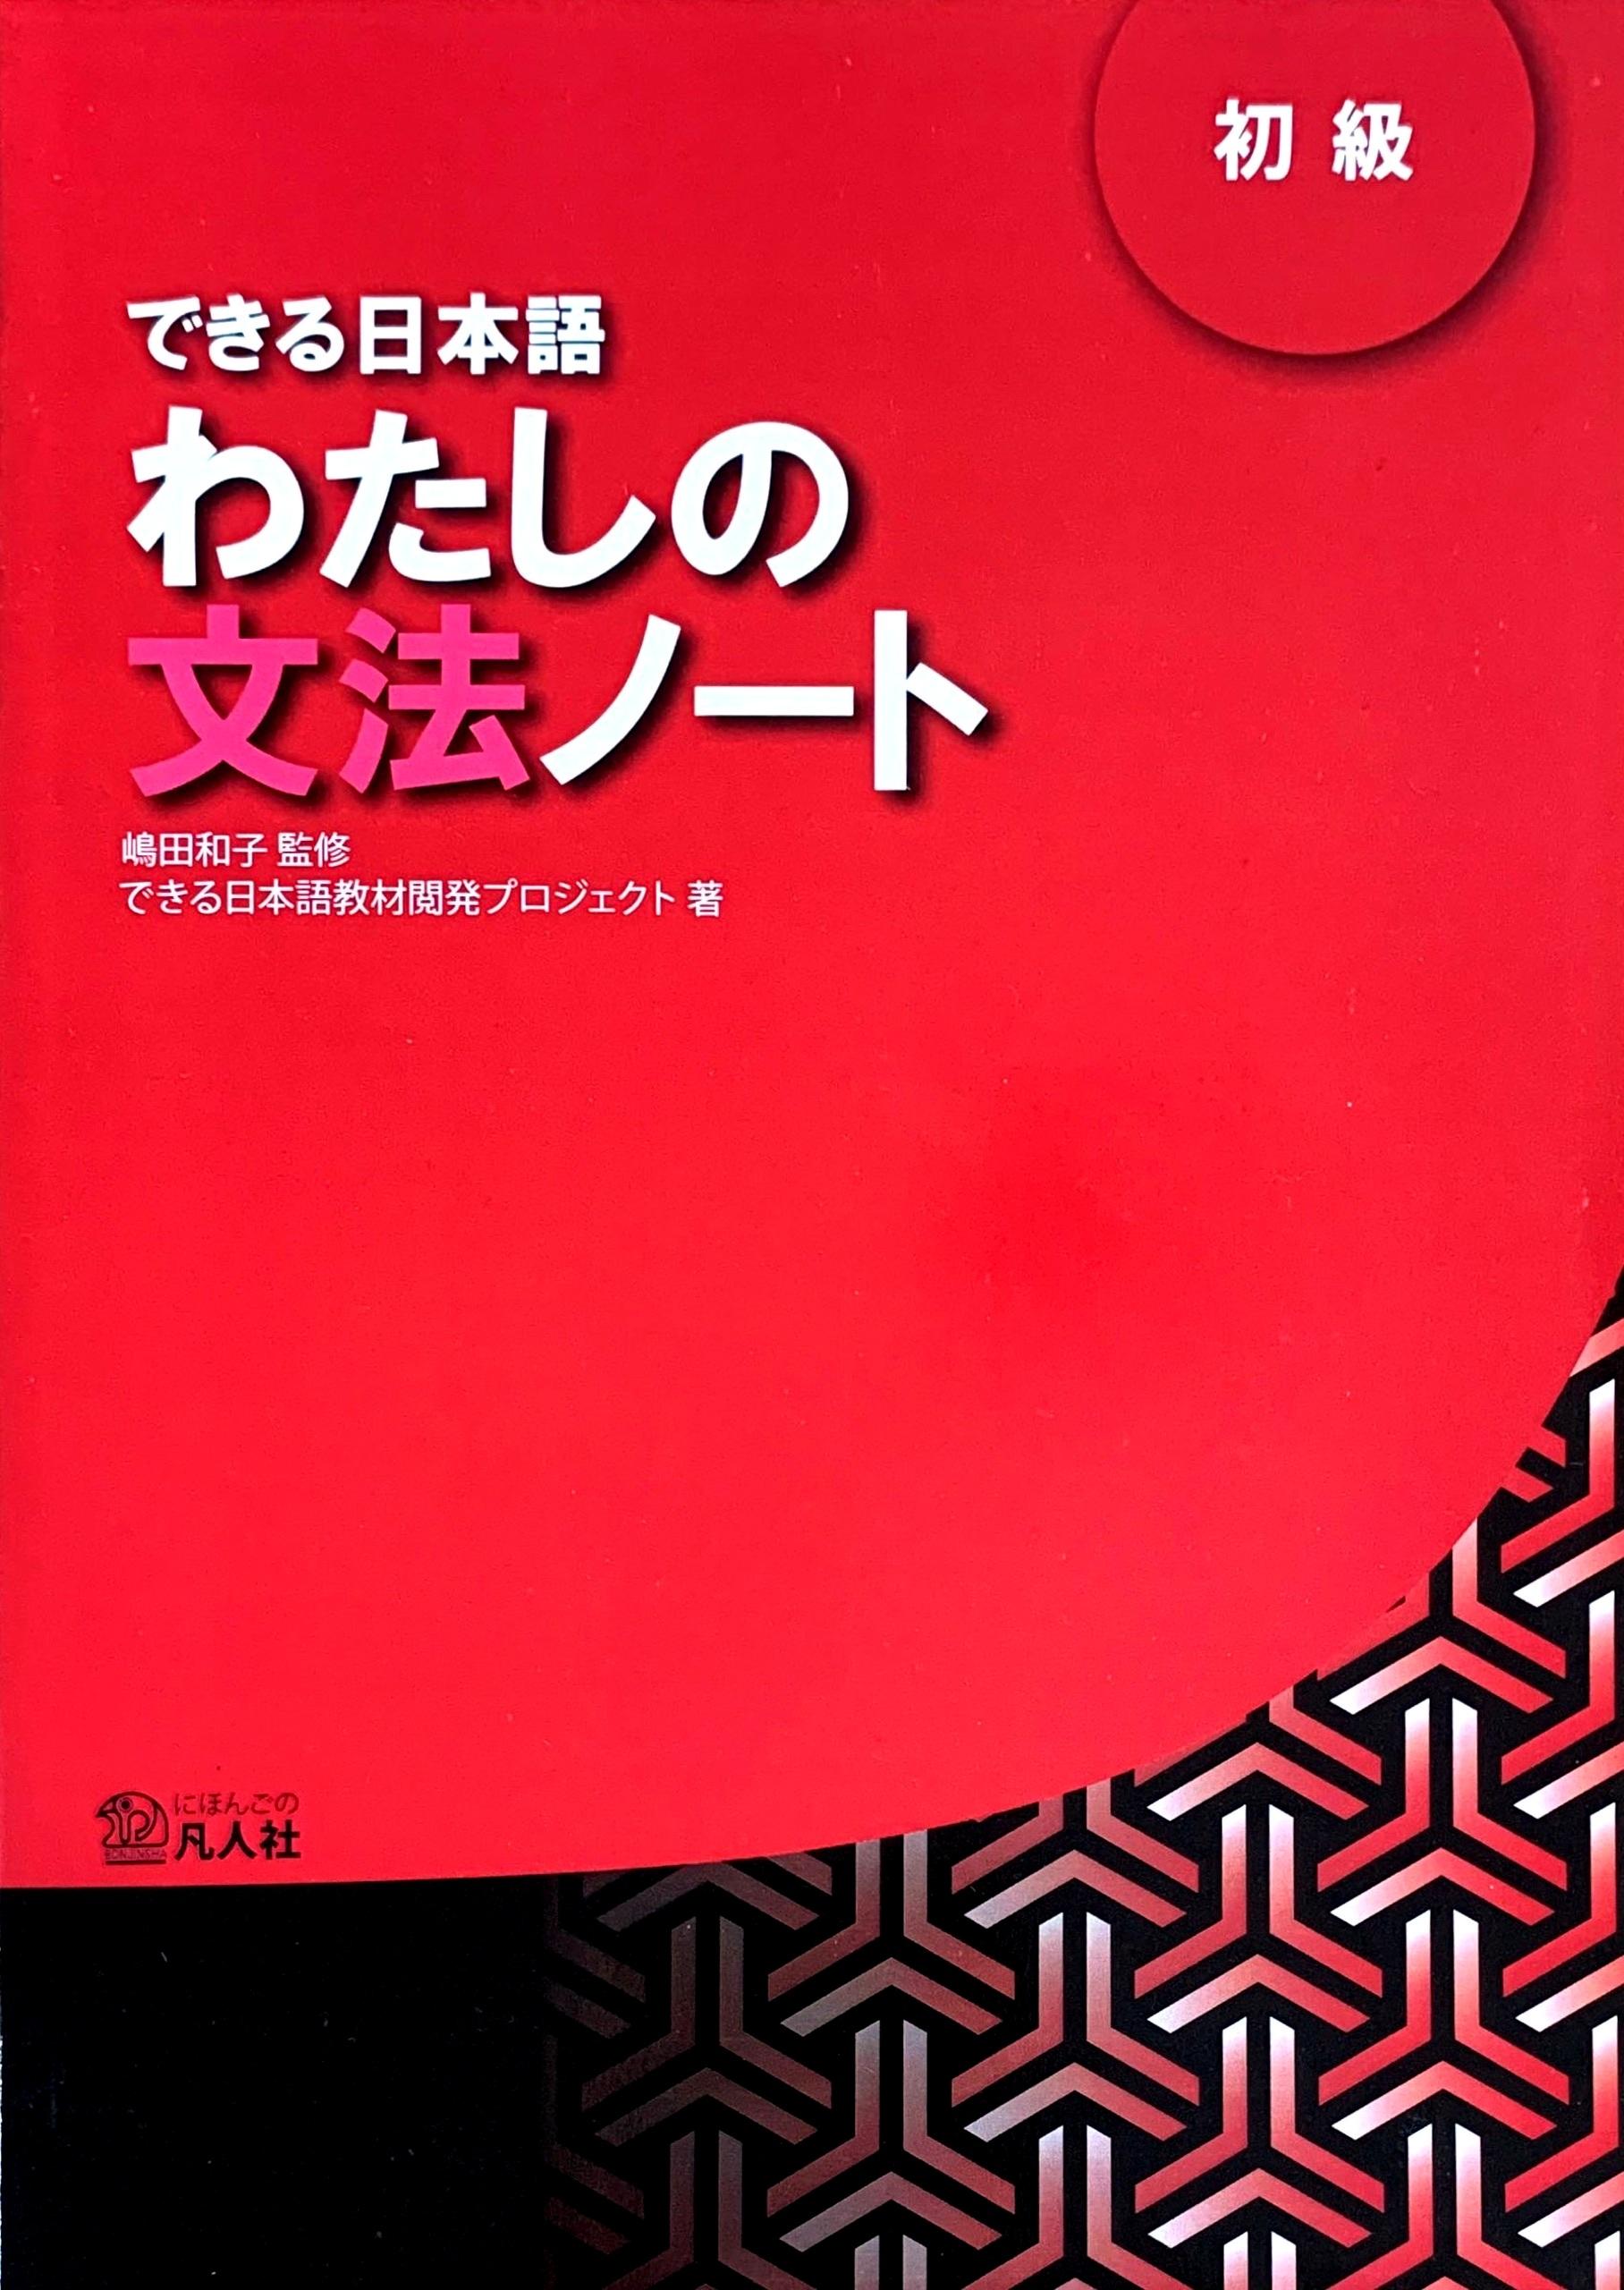 Lifestyle designGiáo Trình Tiếng Nhật Dekiru Nihongo Sơ Cấp Bunpou Noto (Bài Tập Ngữ Pháp)